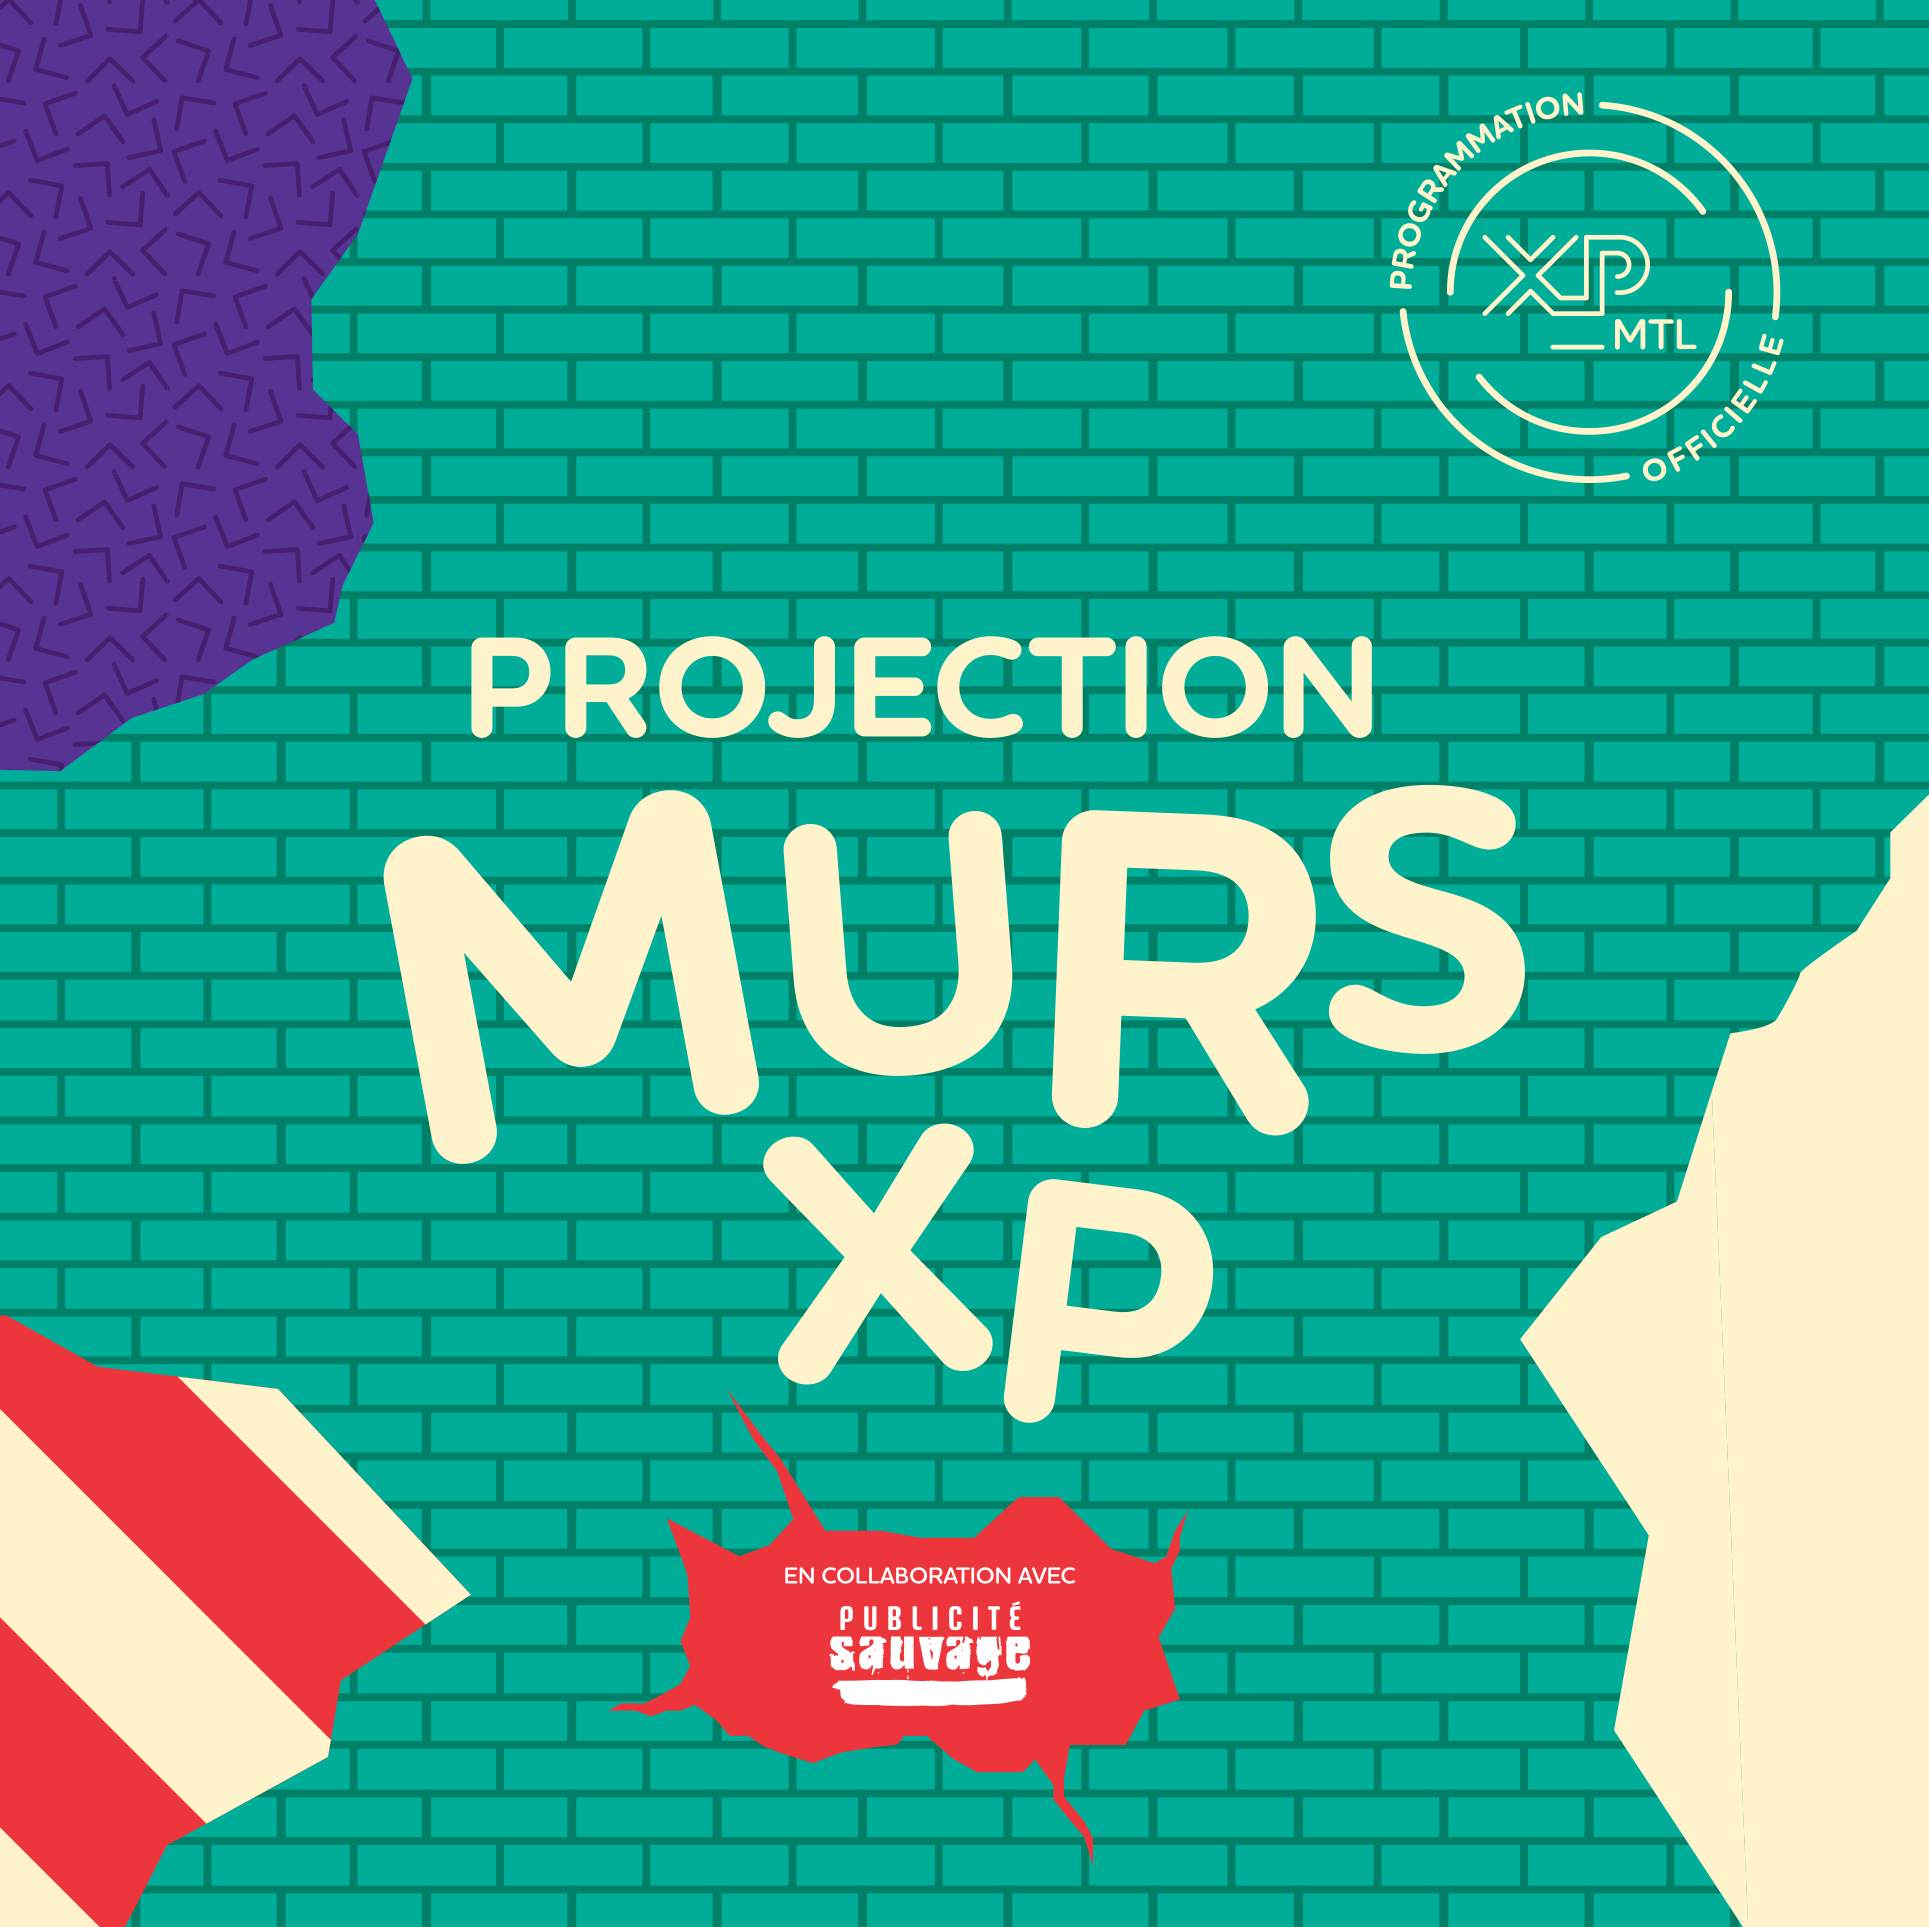 Projections: MURS_XP with Publicité Sauvage